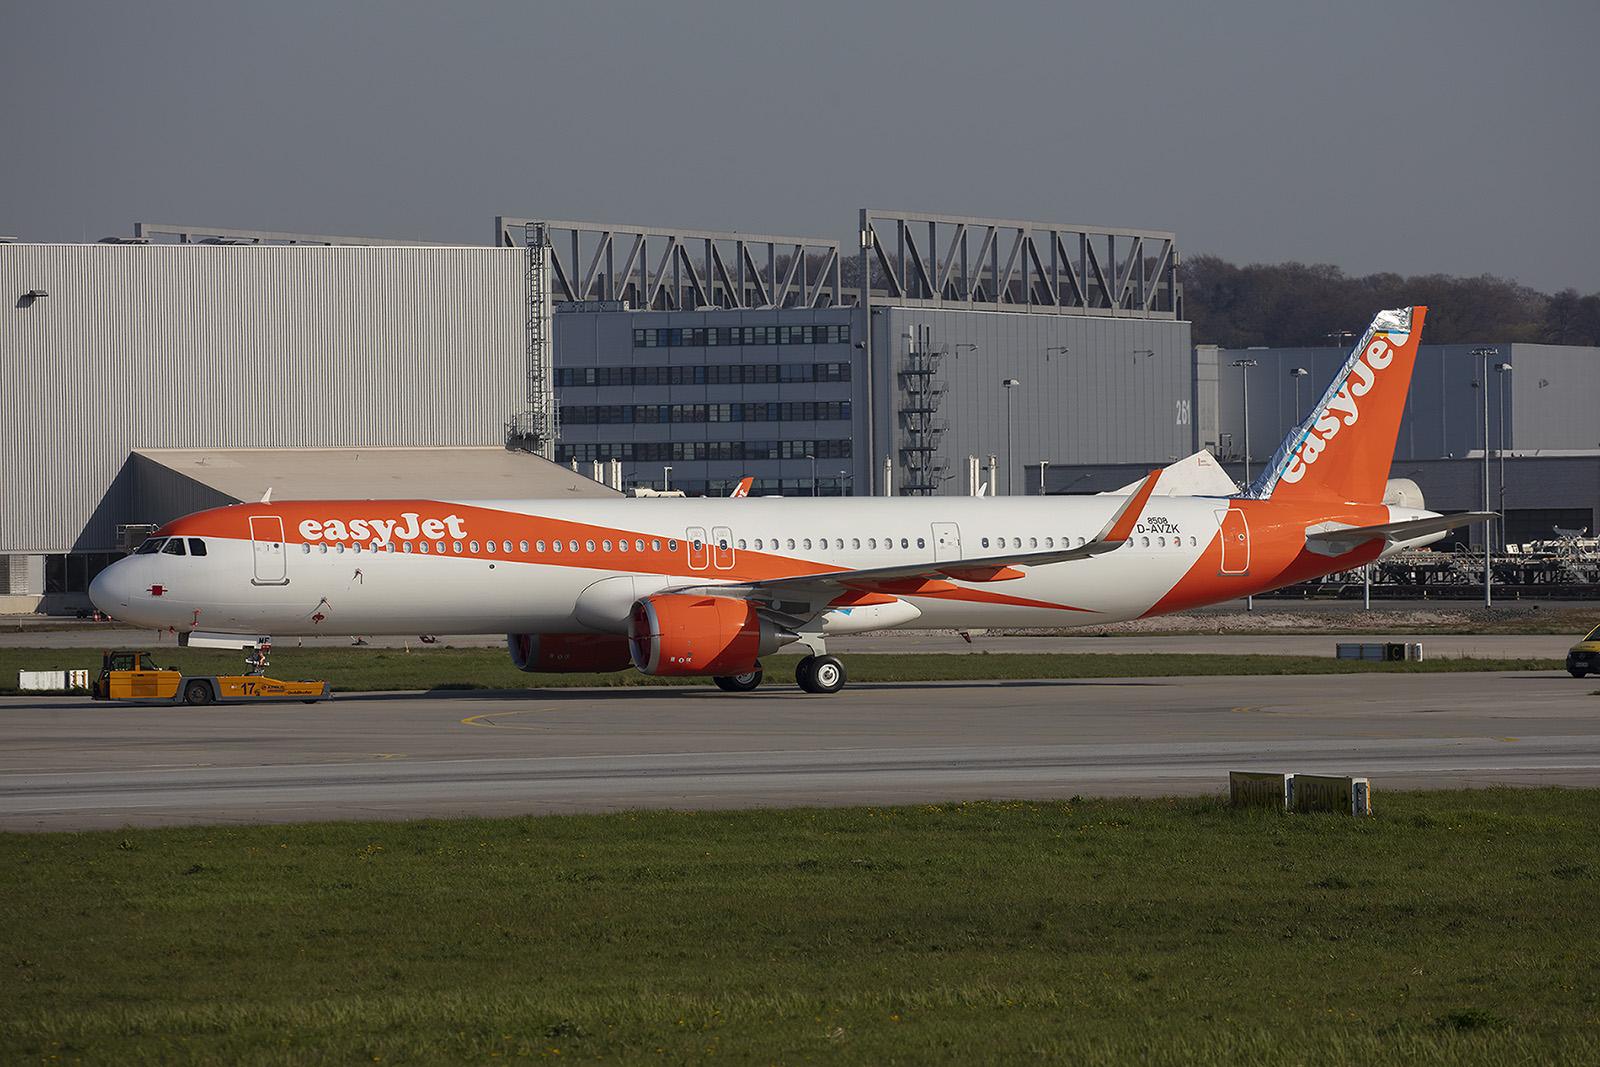 In Europa ist die Easyjet ein bedeutender Abnehmer. Hatte man am Anfang voll auf den A 319 gesetzt, kommen nun immer mehr A 321 zum Einsatz.